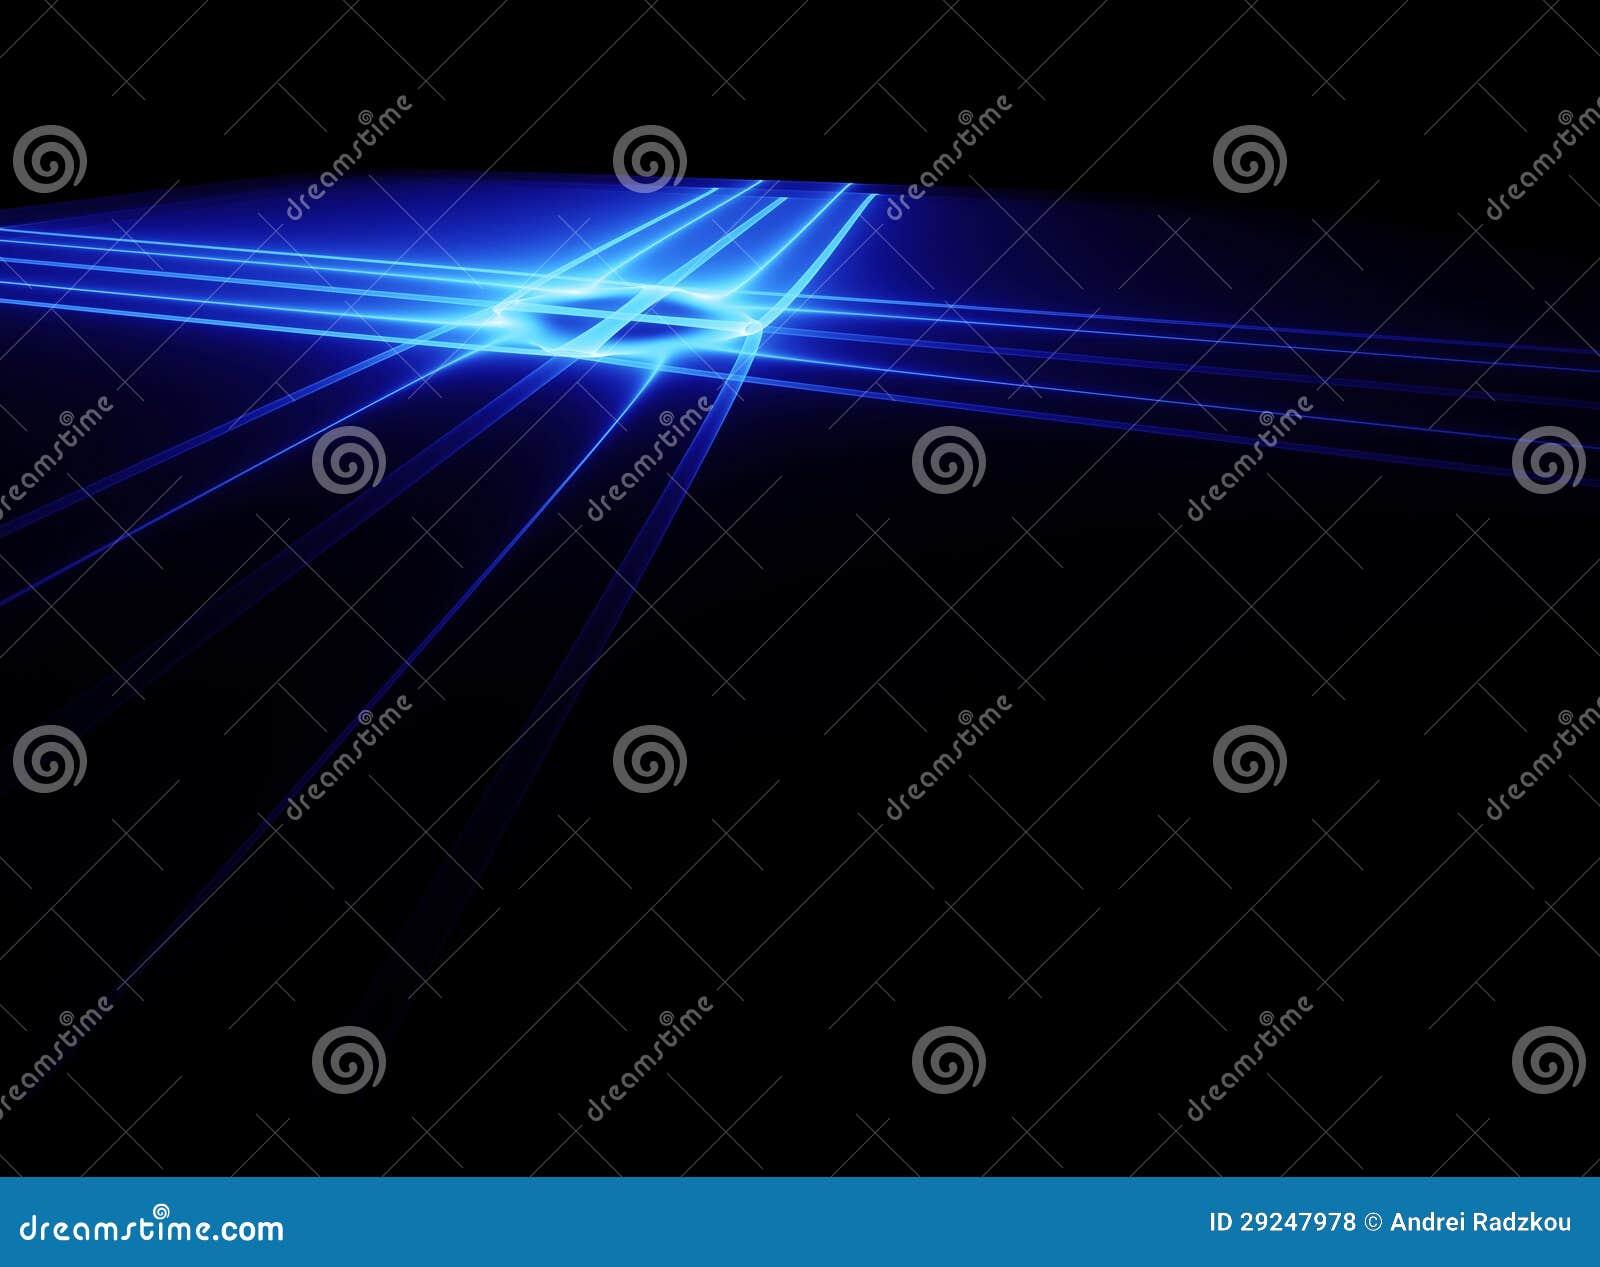 Download Laser azul ilustração stock. Ilustração de moderno, conecte - 29247978